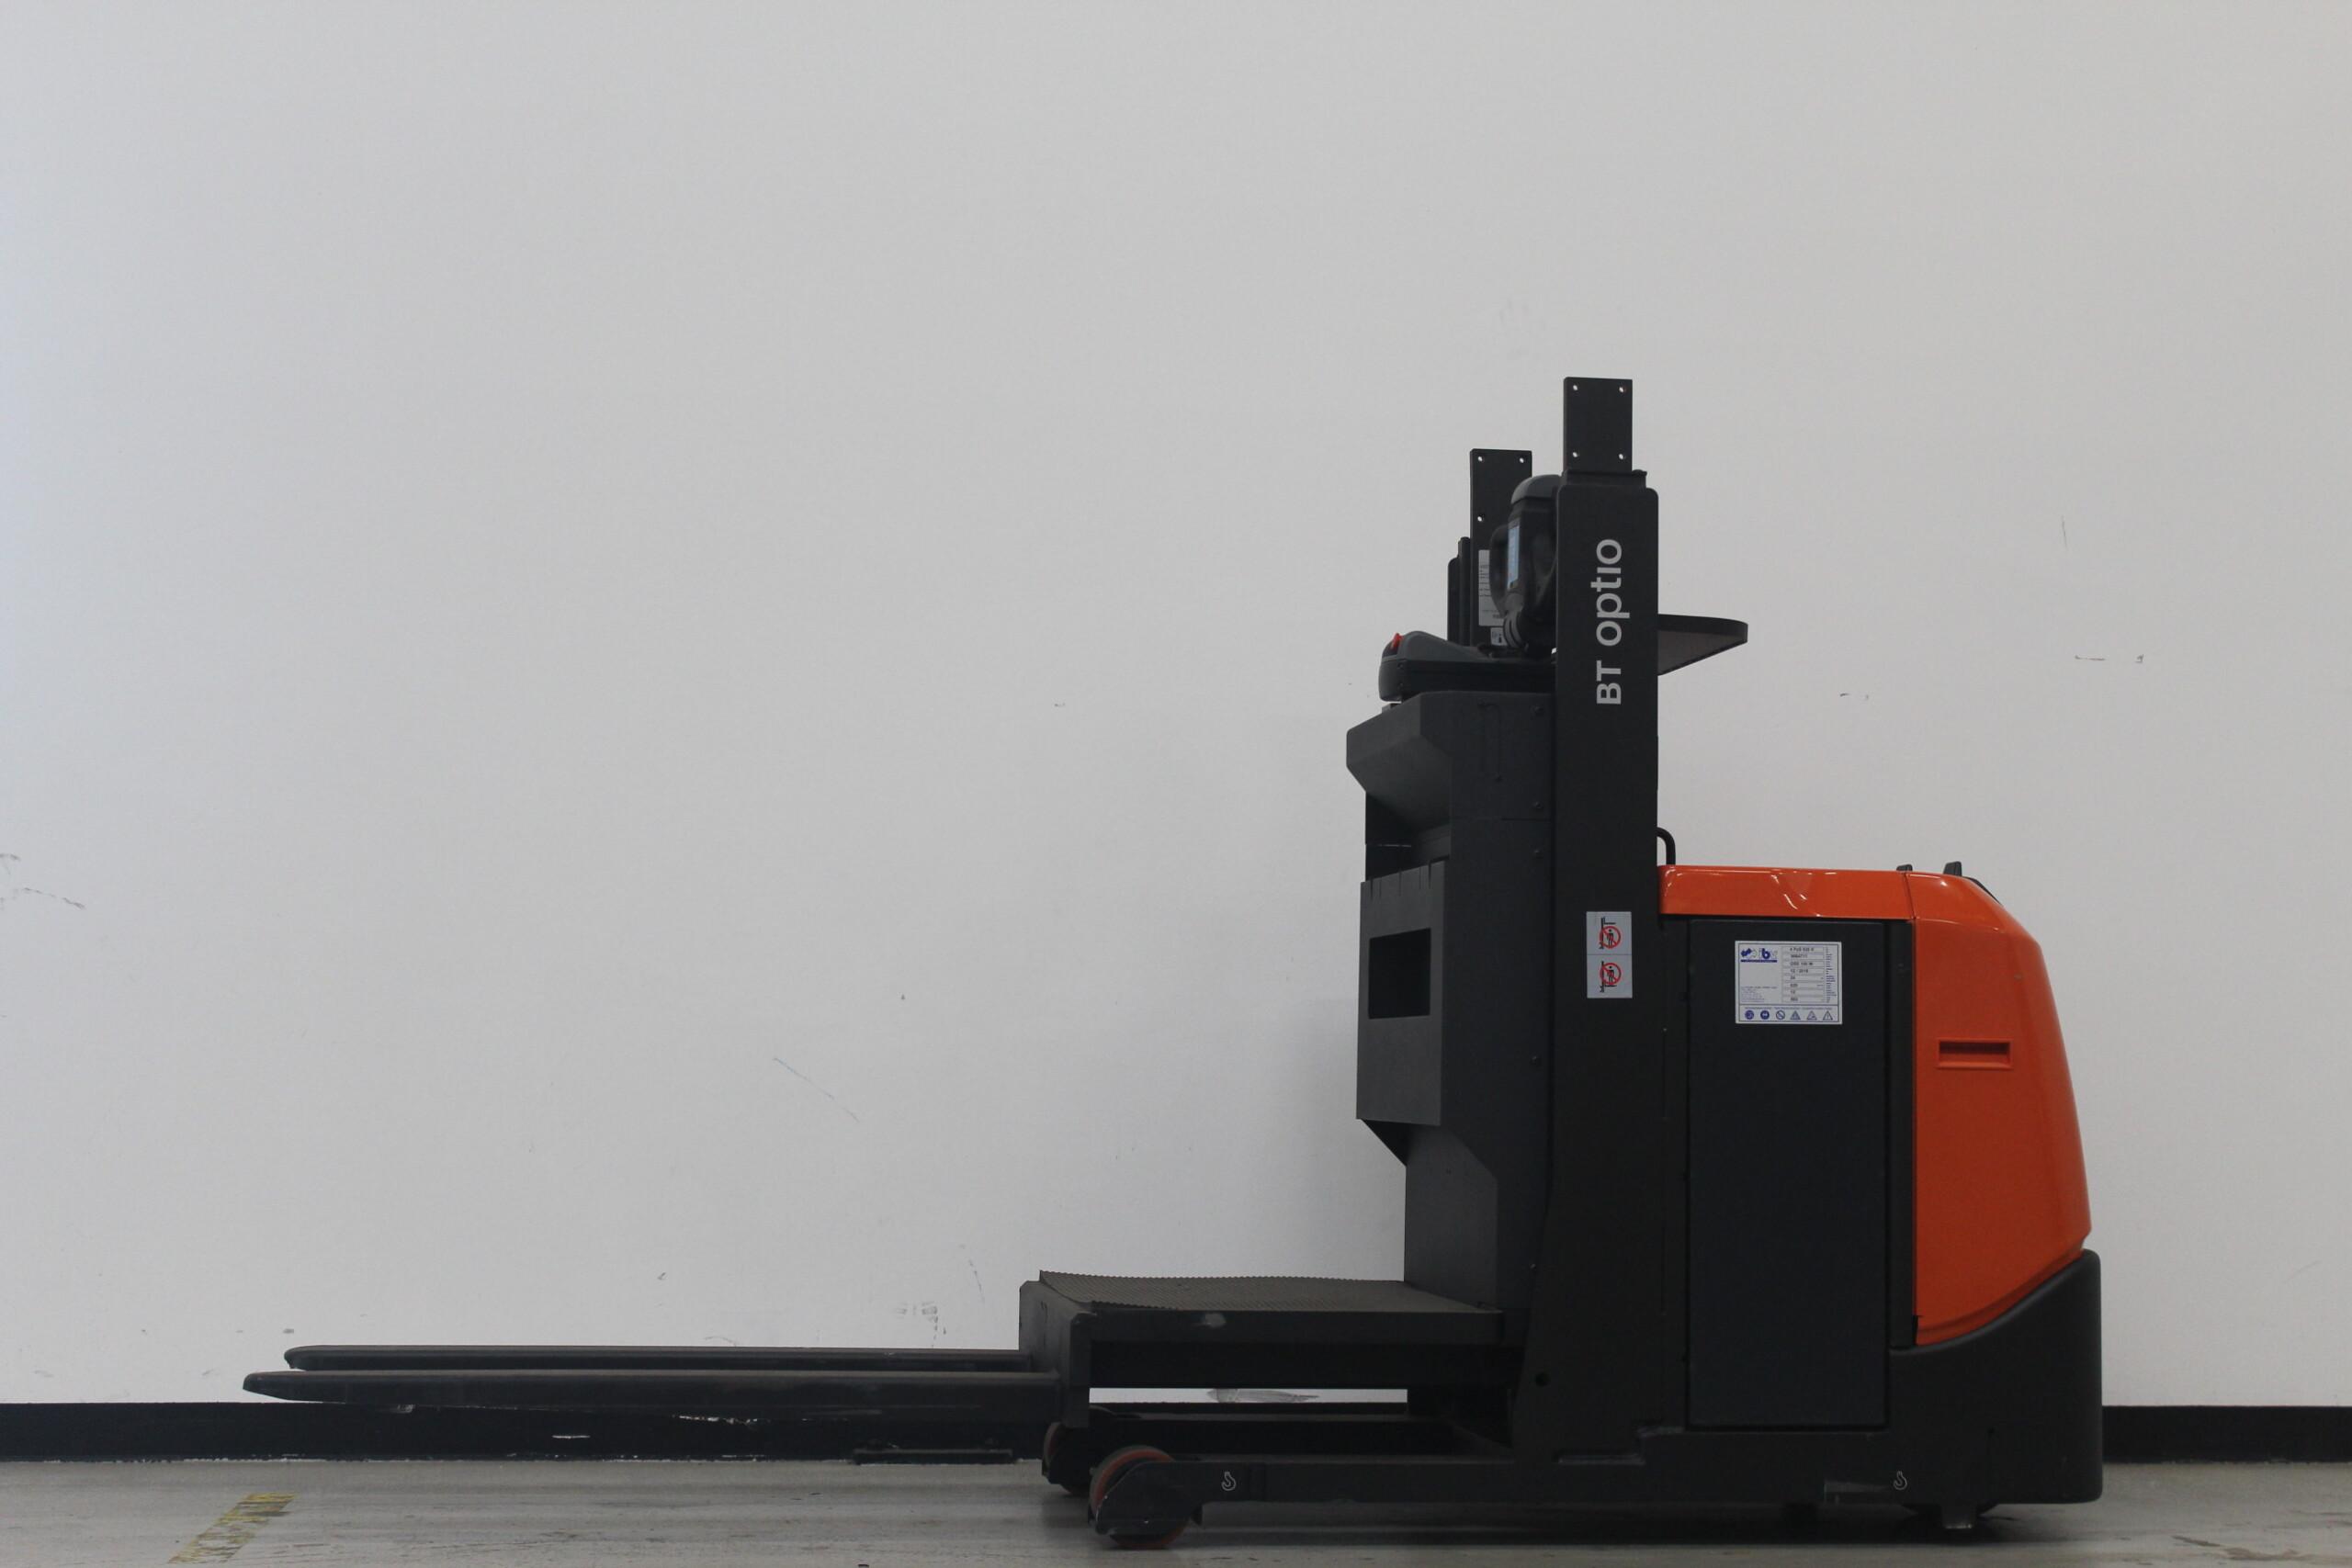 Toyota-Gabelstapler-59840 1902005947 1 55 scaled